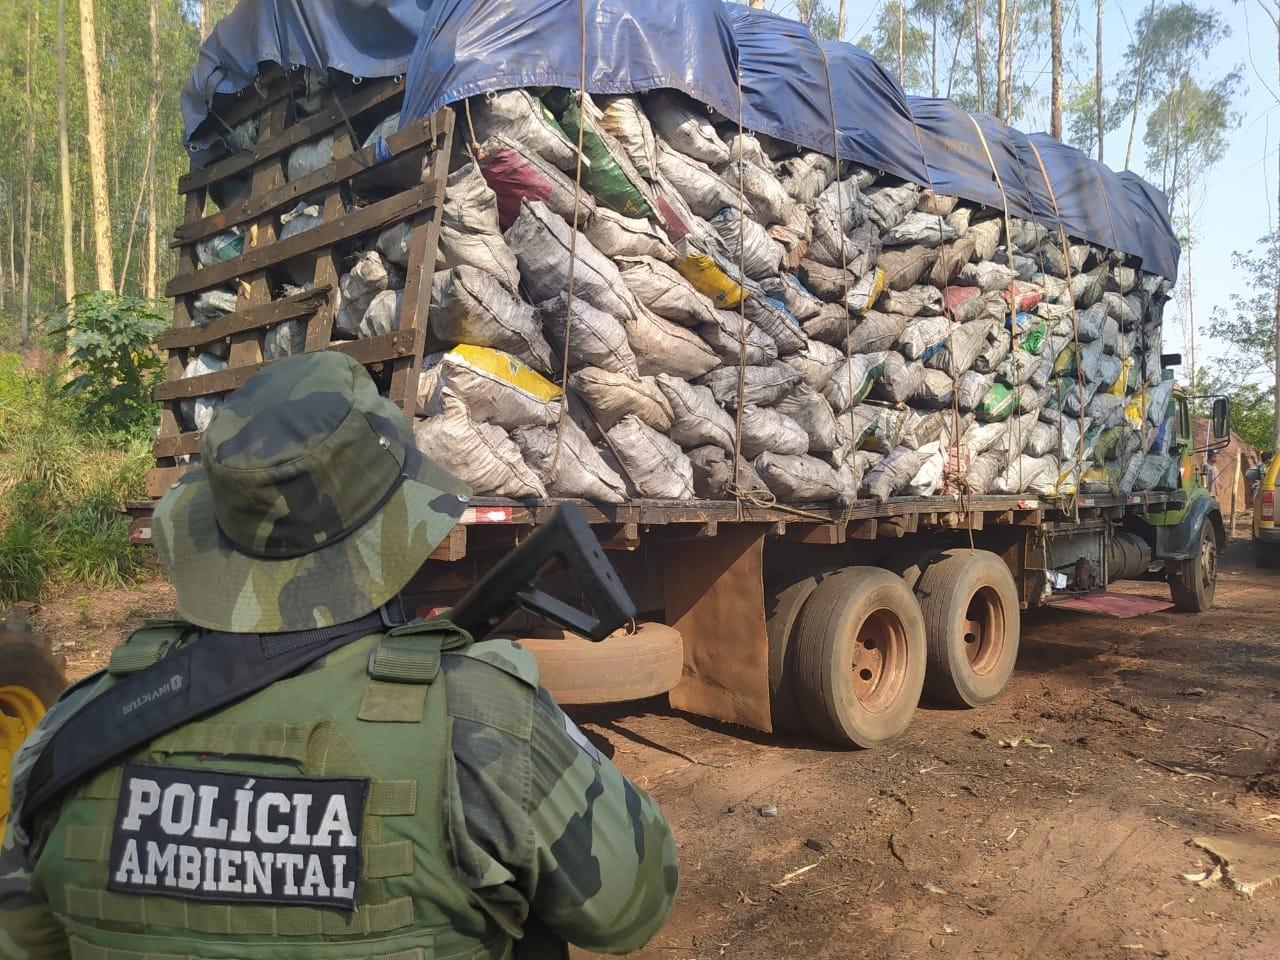 Foto: Divulgação/Polícia